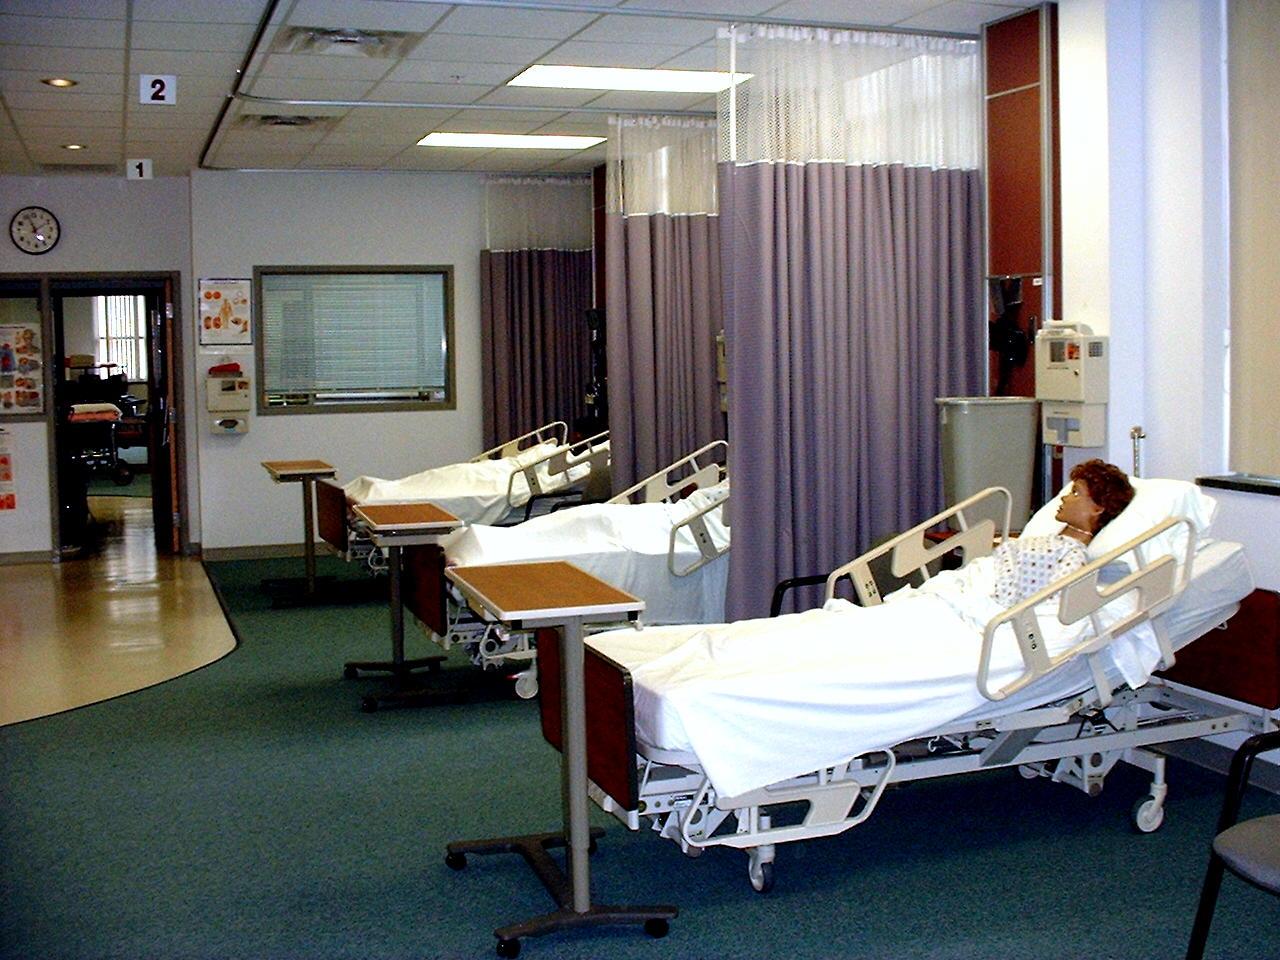 فروش عمده پارچه بیمارستانی